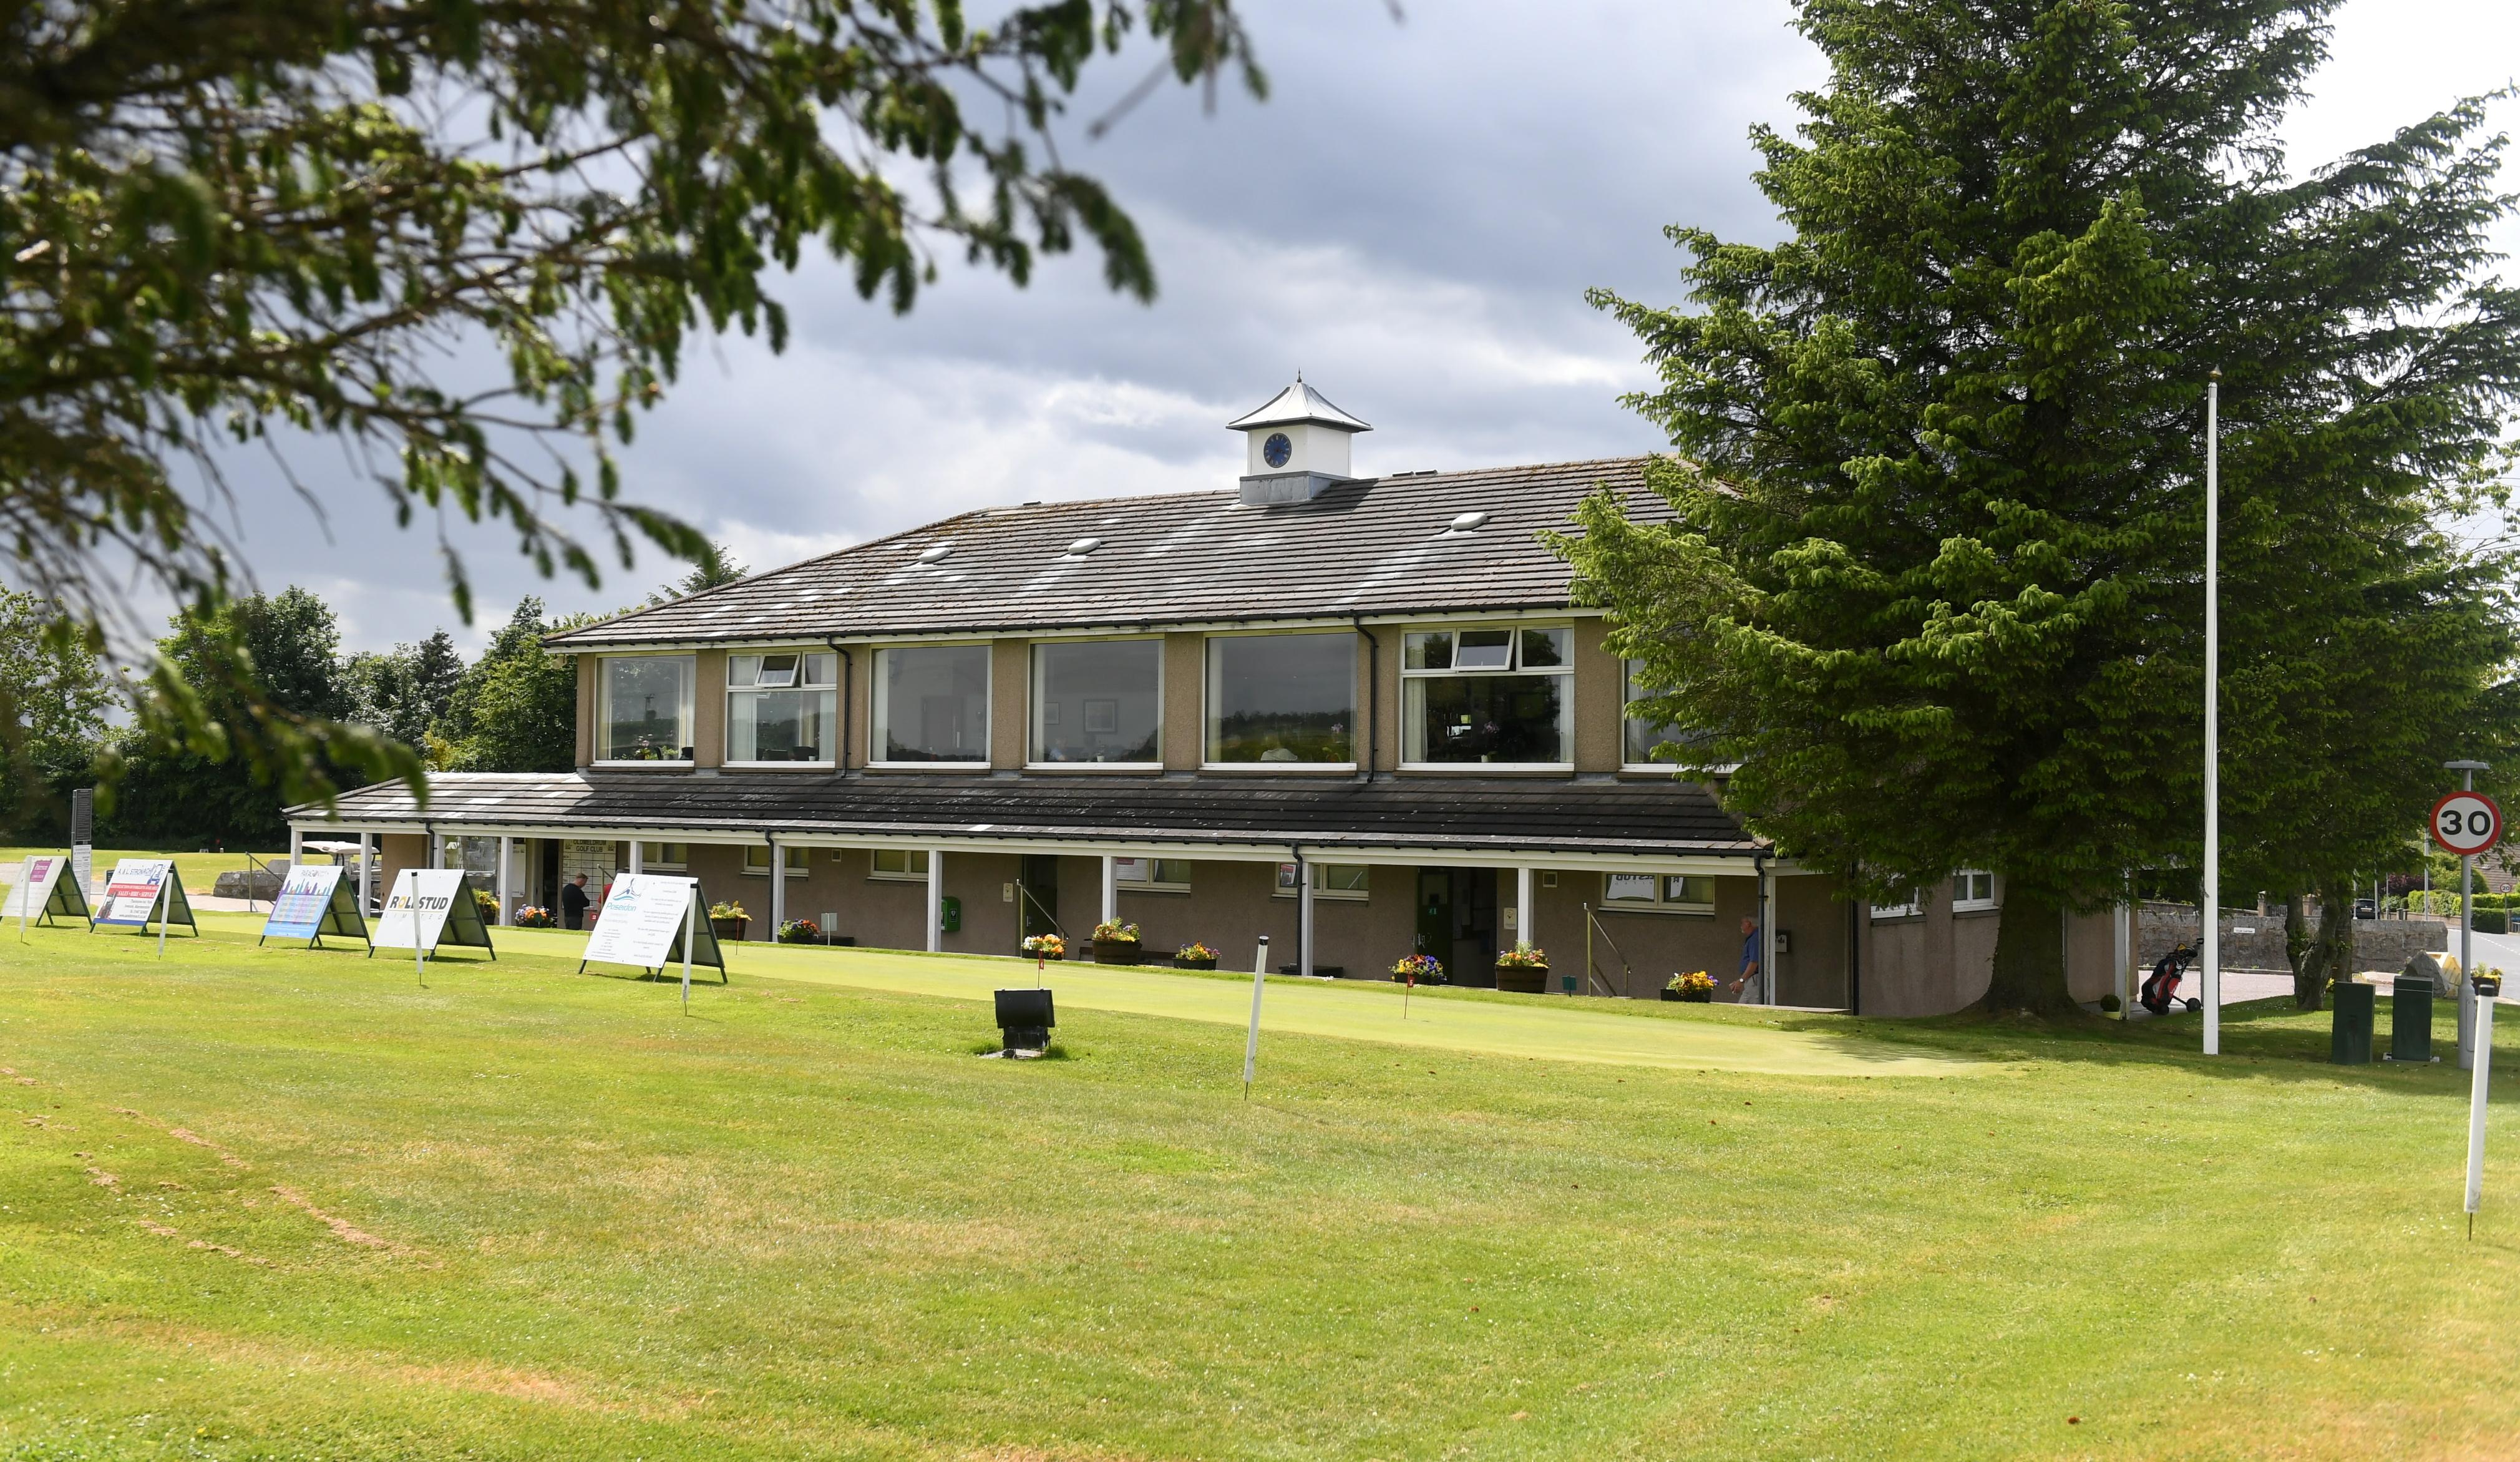 Oldmeldrum Golf Club has been vandalised.